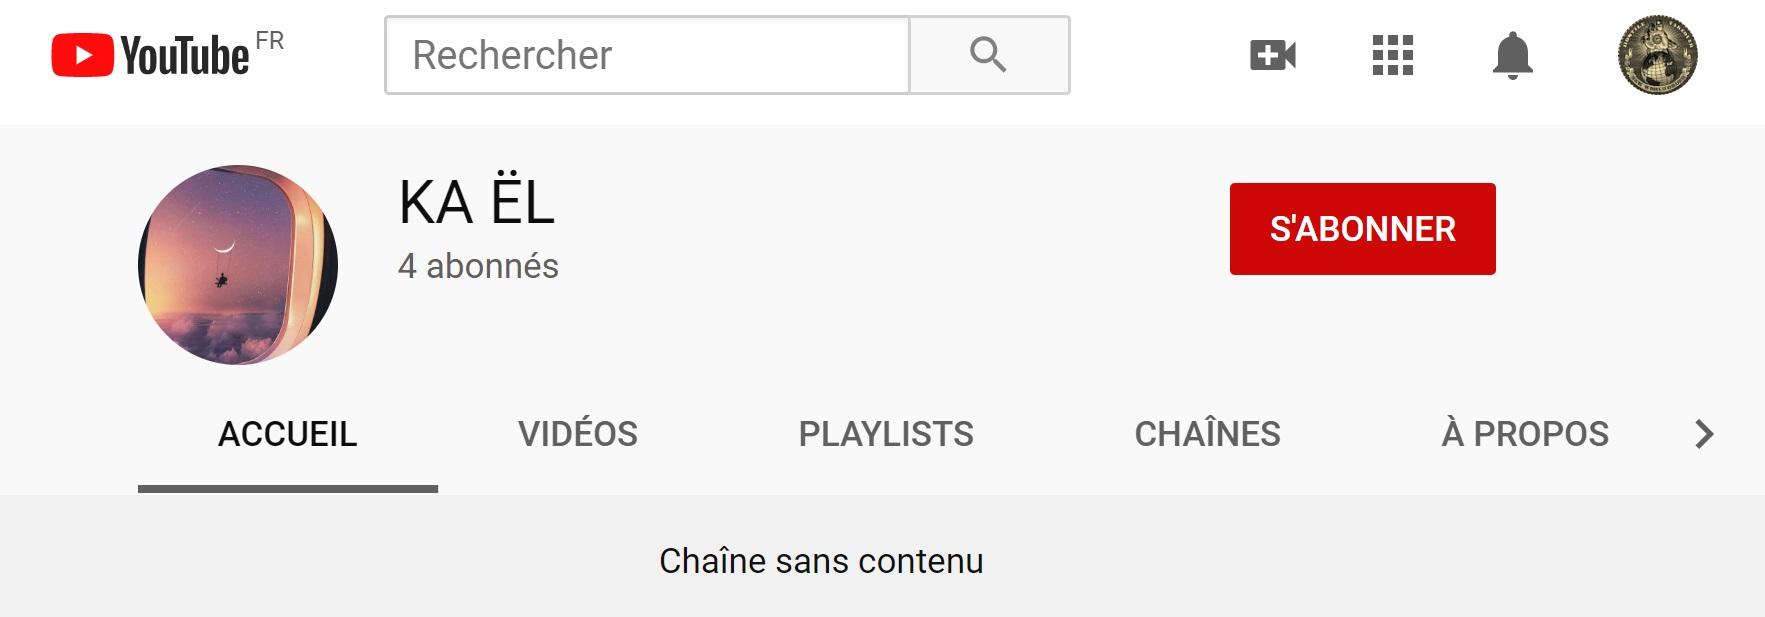 youtubediable2